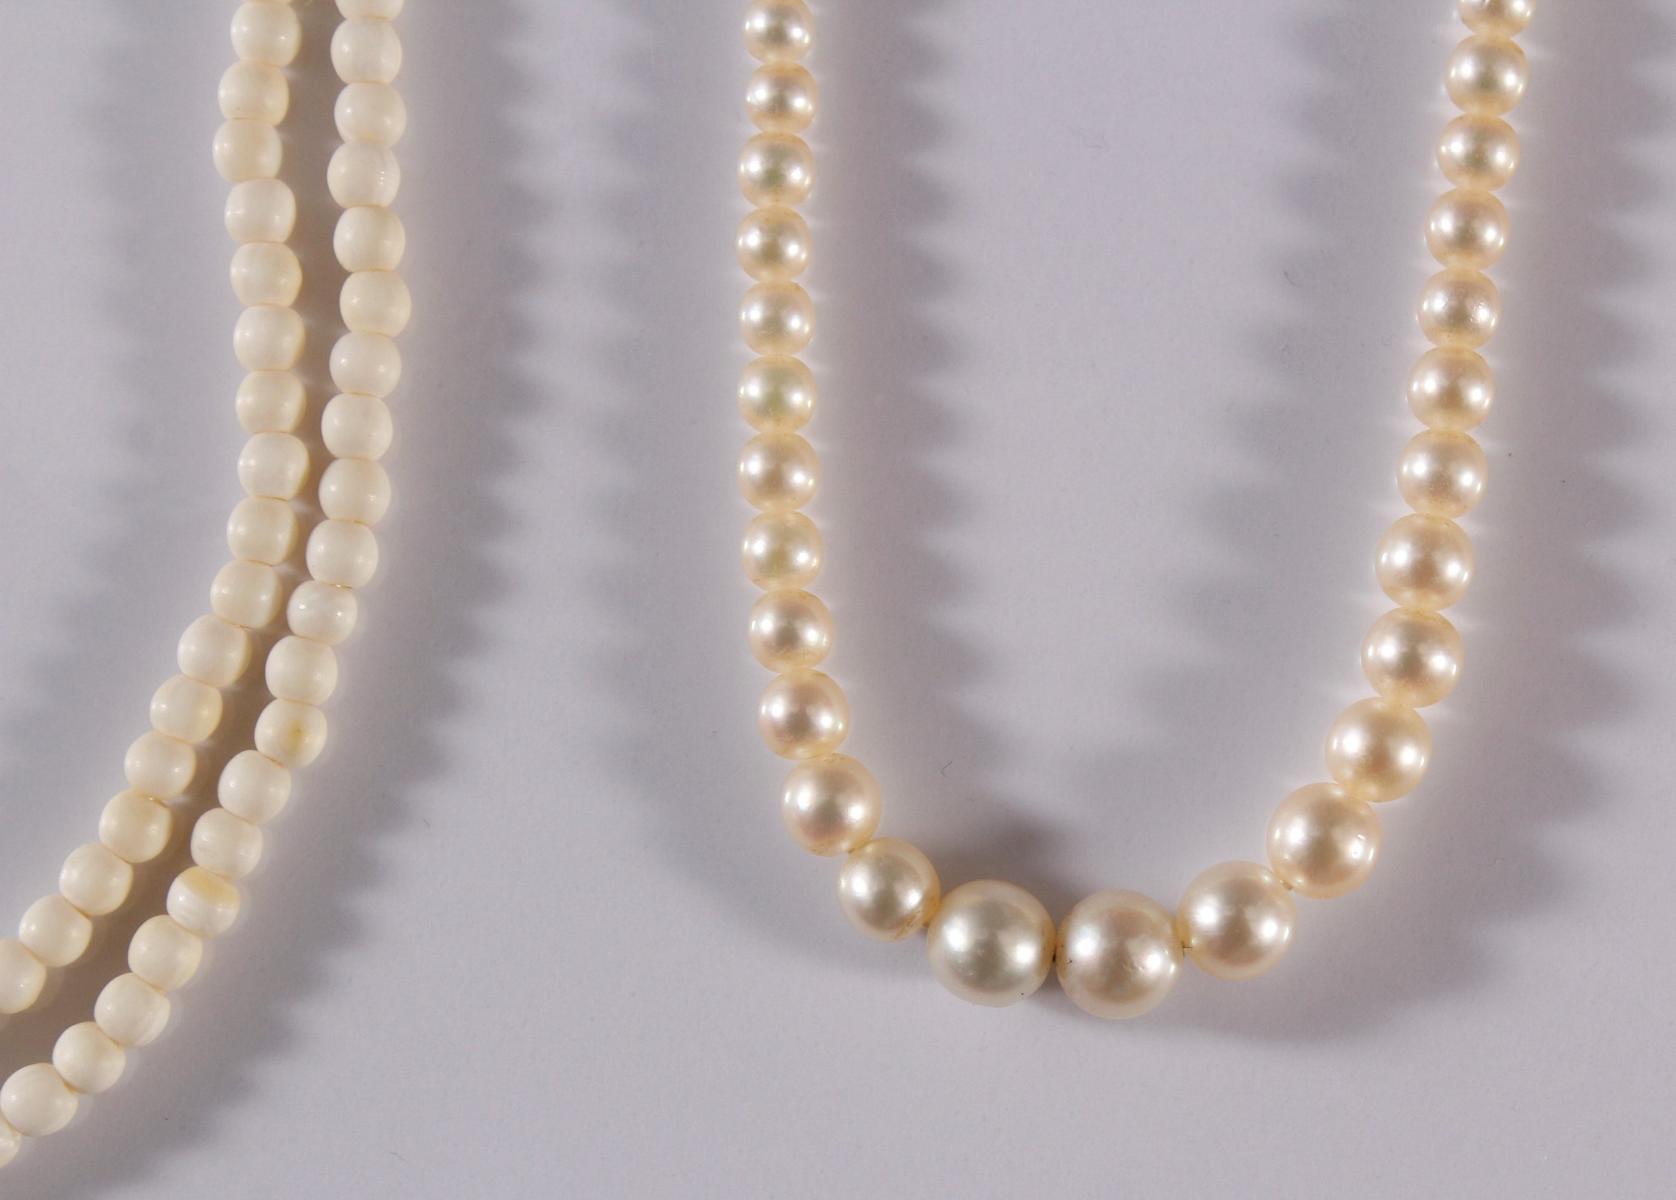 3 Halsketten aus Elfenbein, Perlen und Edelsteinen.-3